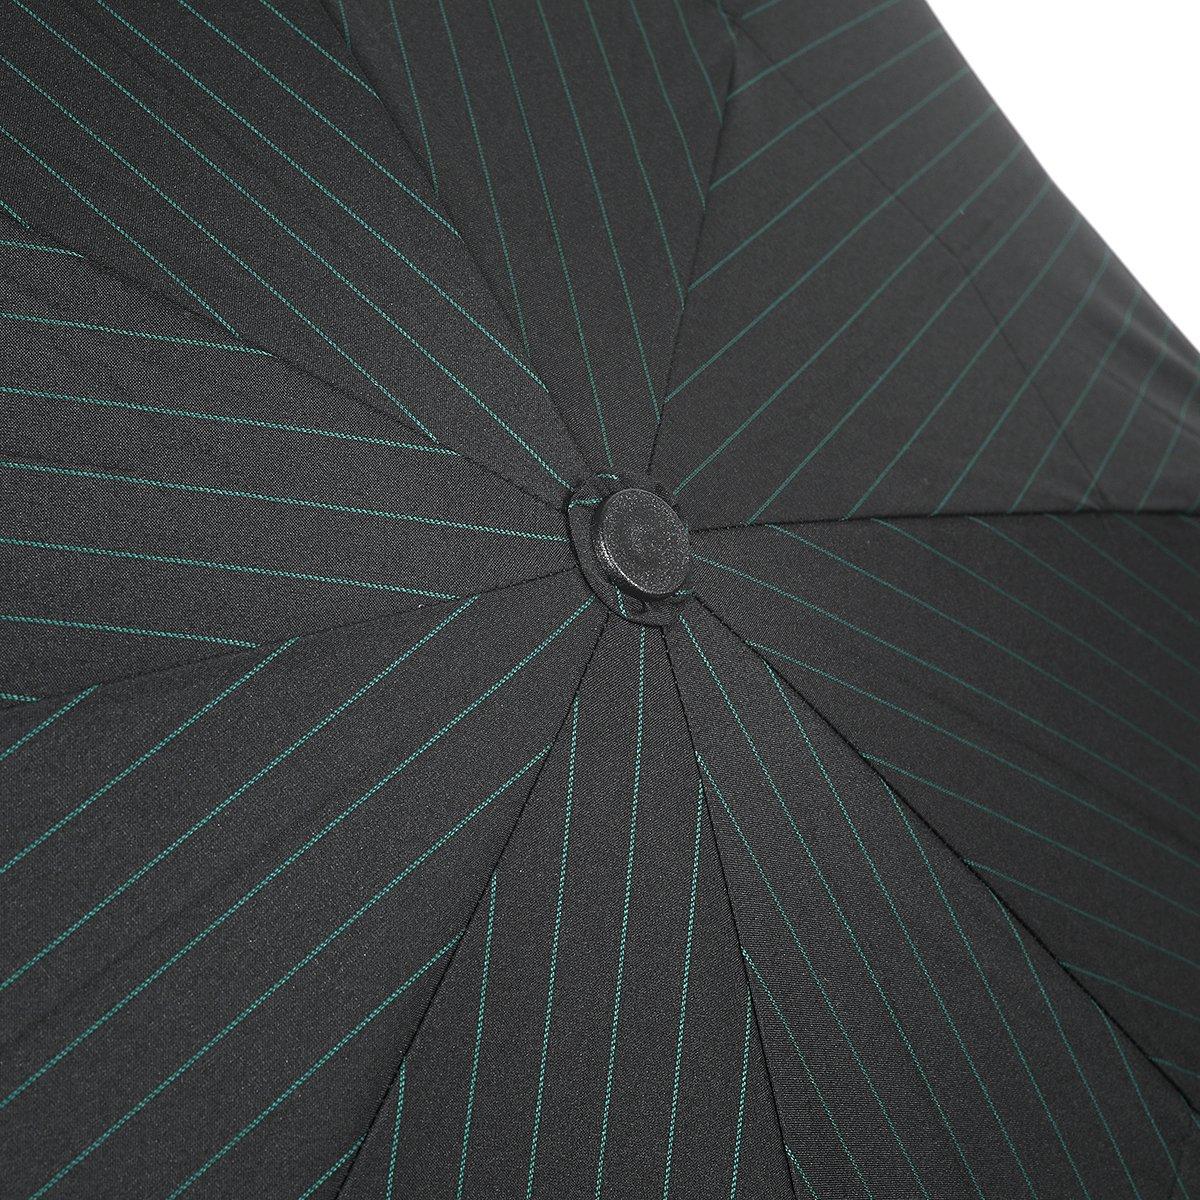 【セール】グリーン ストライプ 耐風骨 折りたたみ傘 詳細画像6